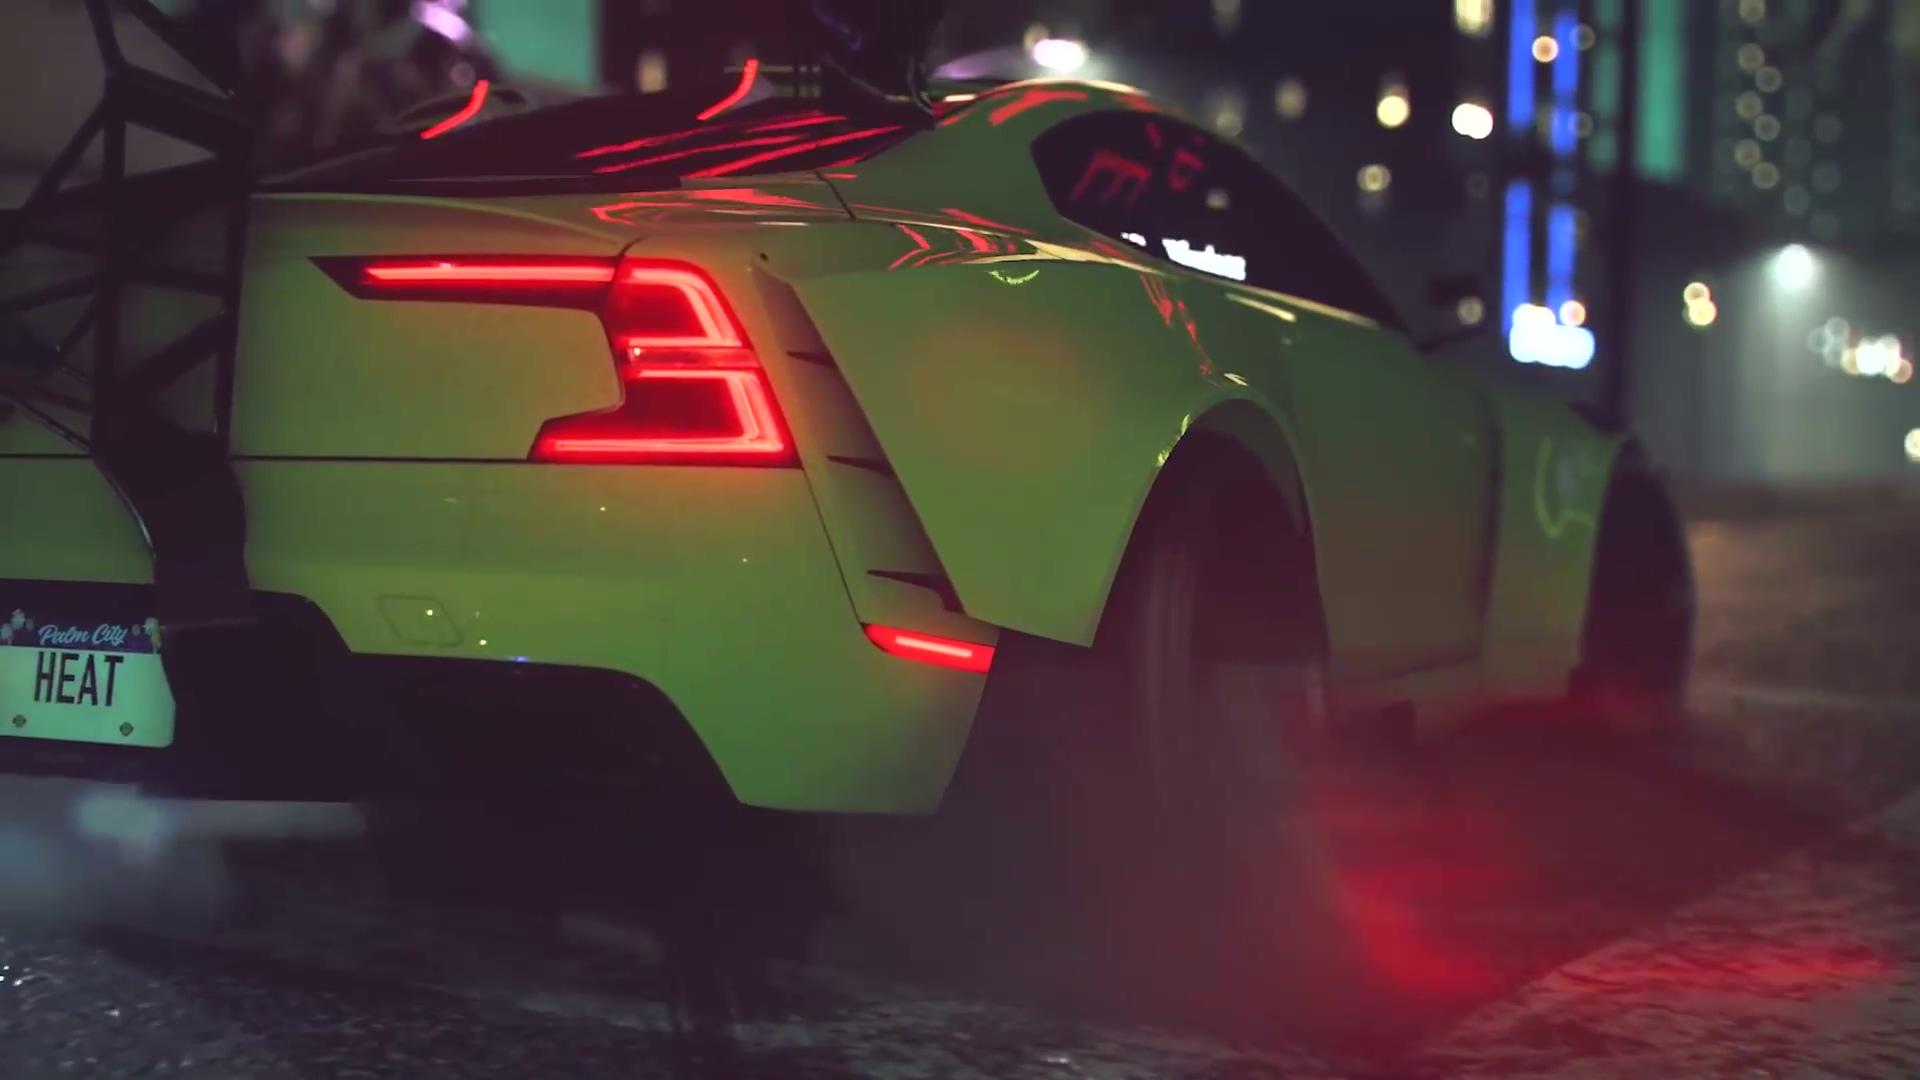 《极品飞车21:热度》中文版发售宣传片 街头狂飙启动